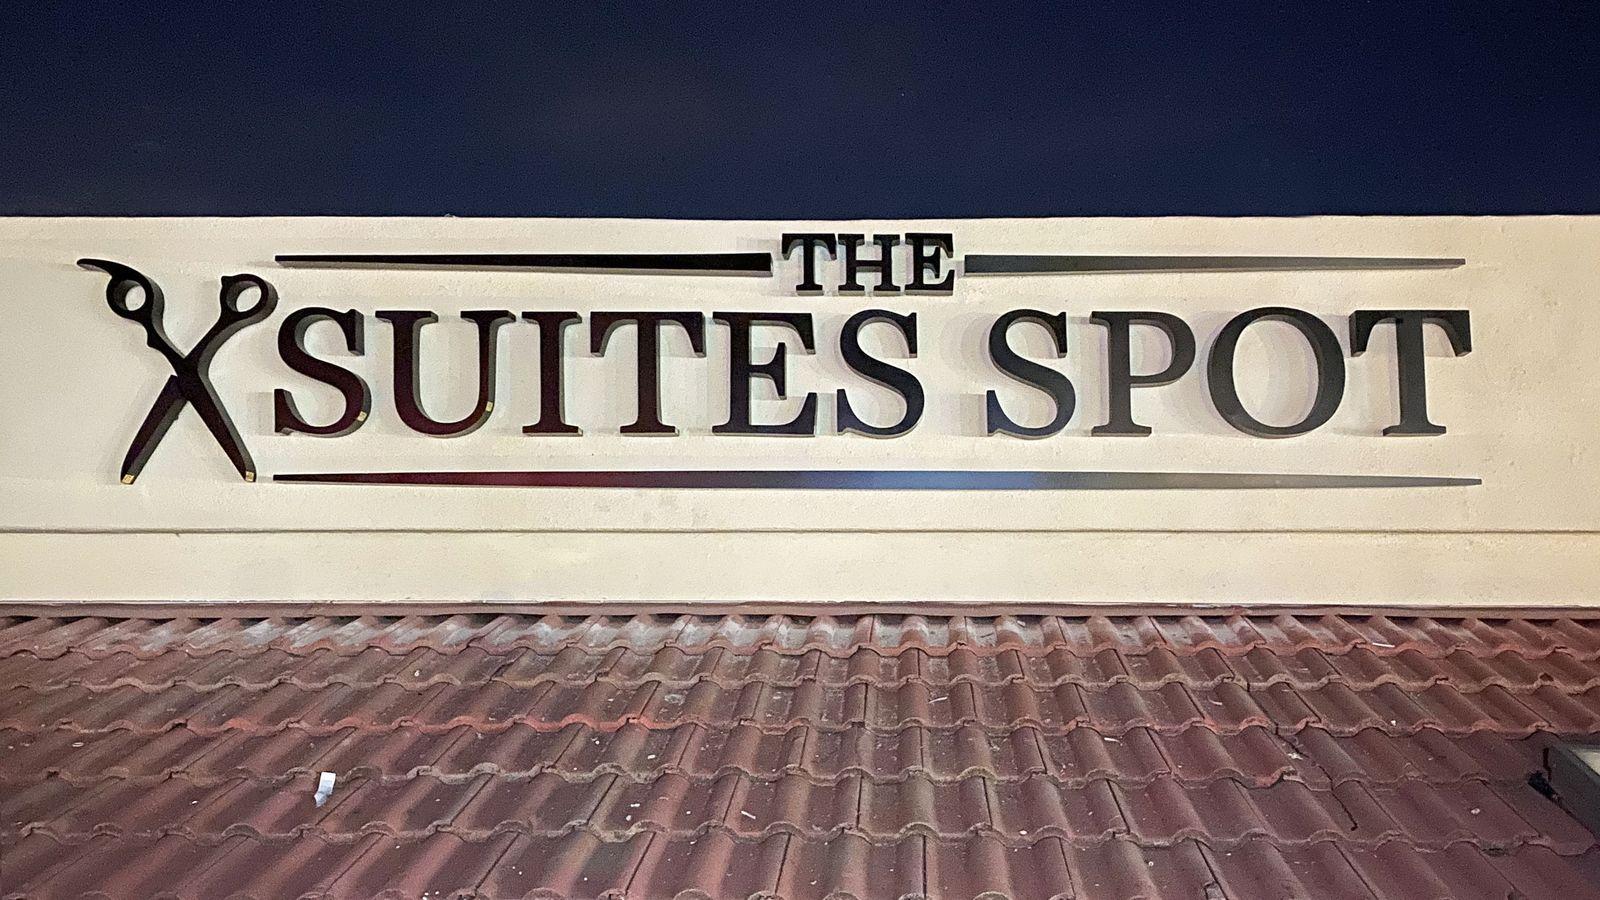 Suites Spot 3d letters